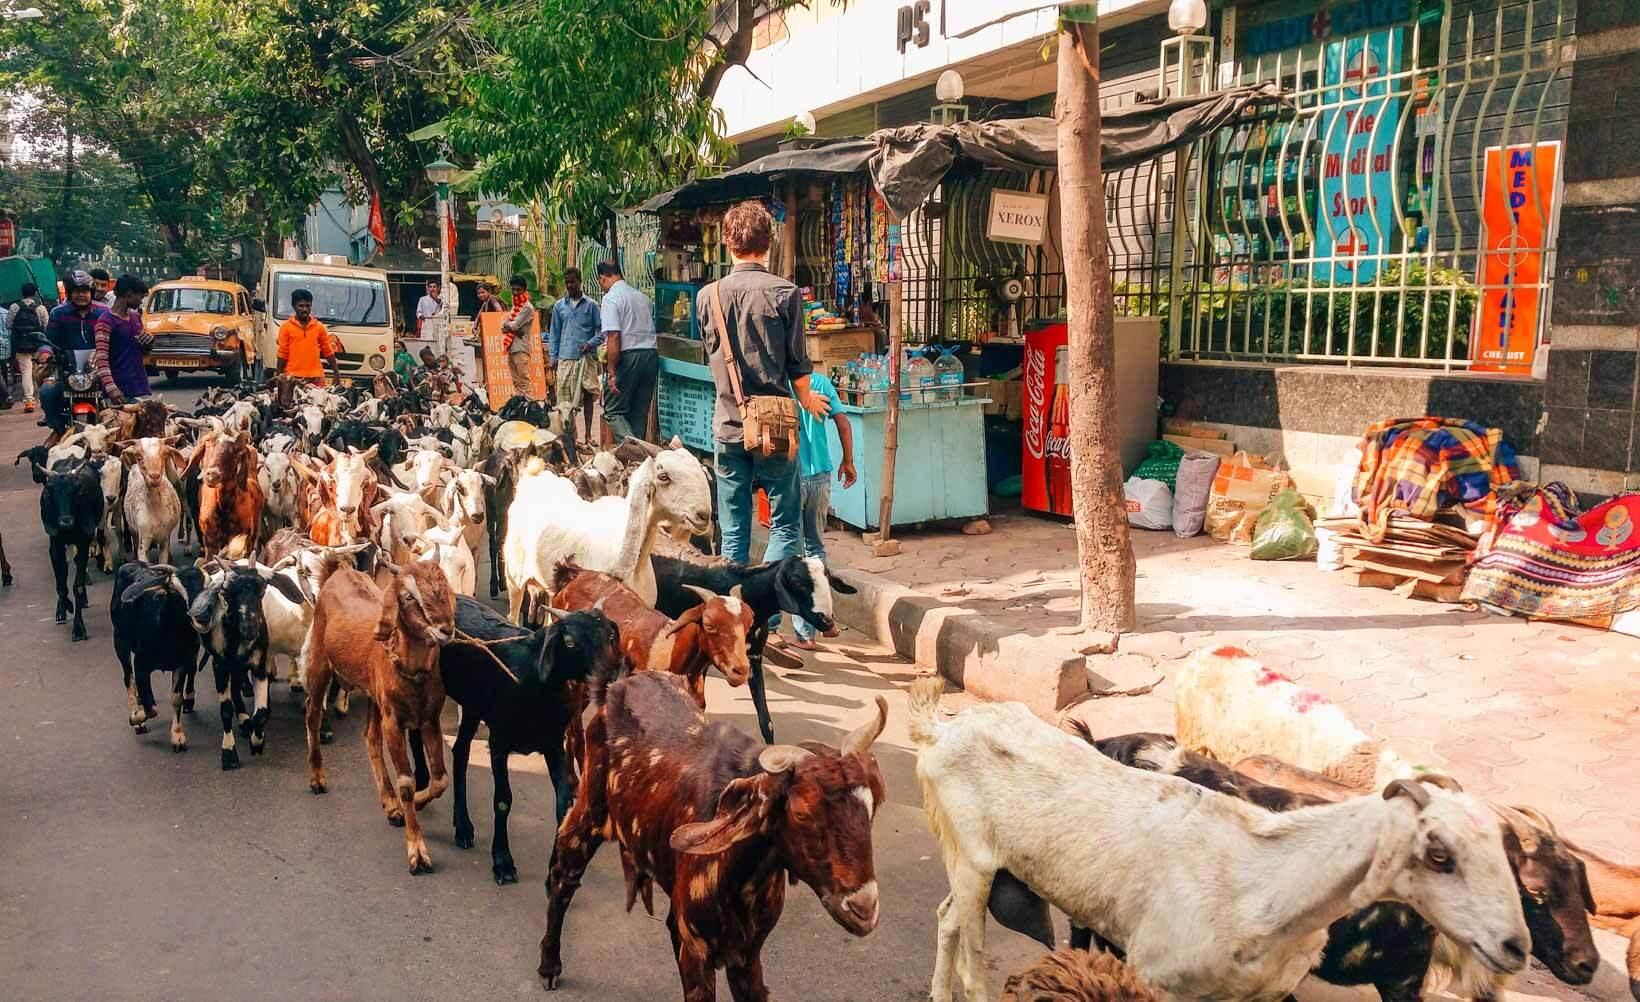 Capre in Sudder street a Calcutta